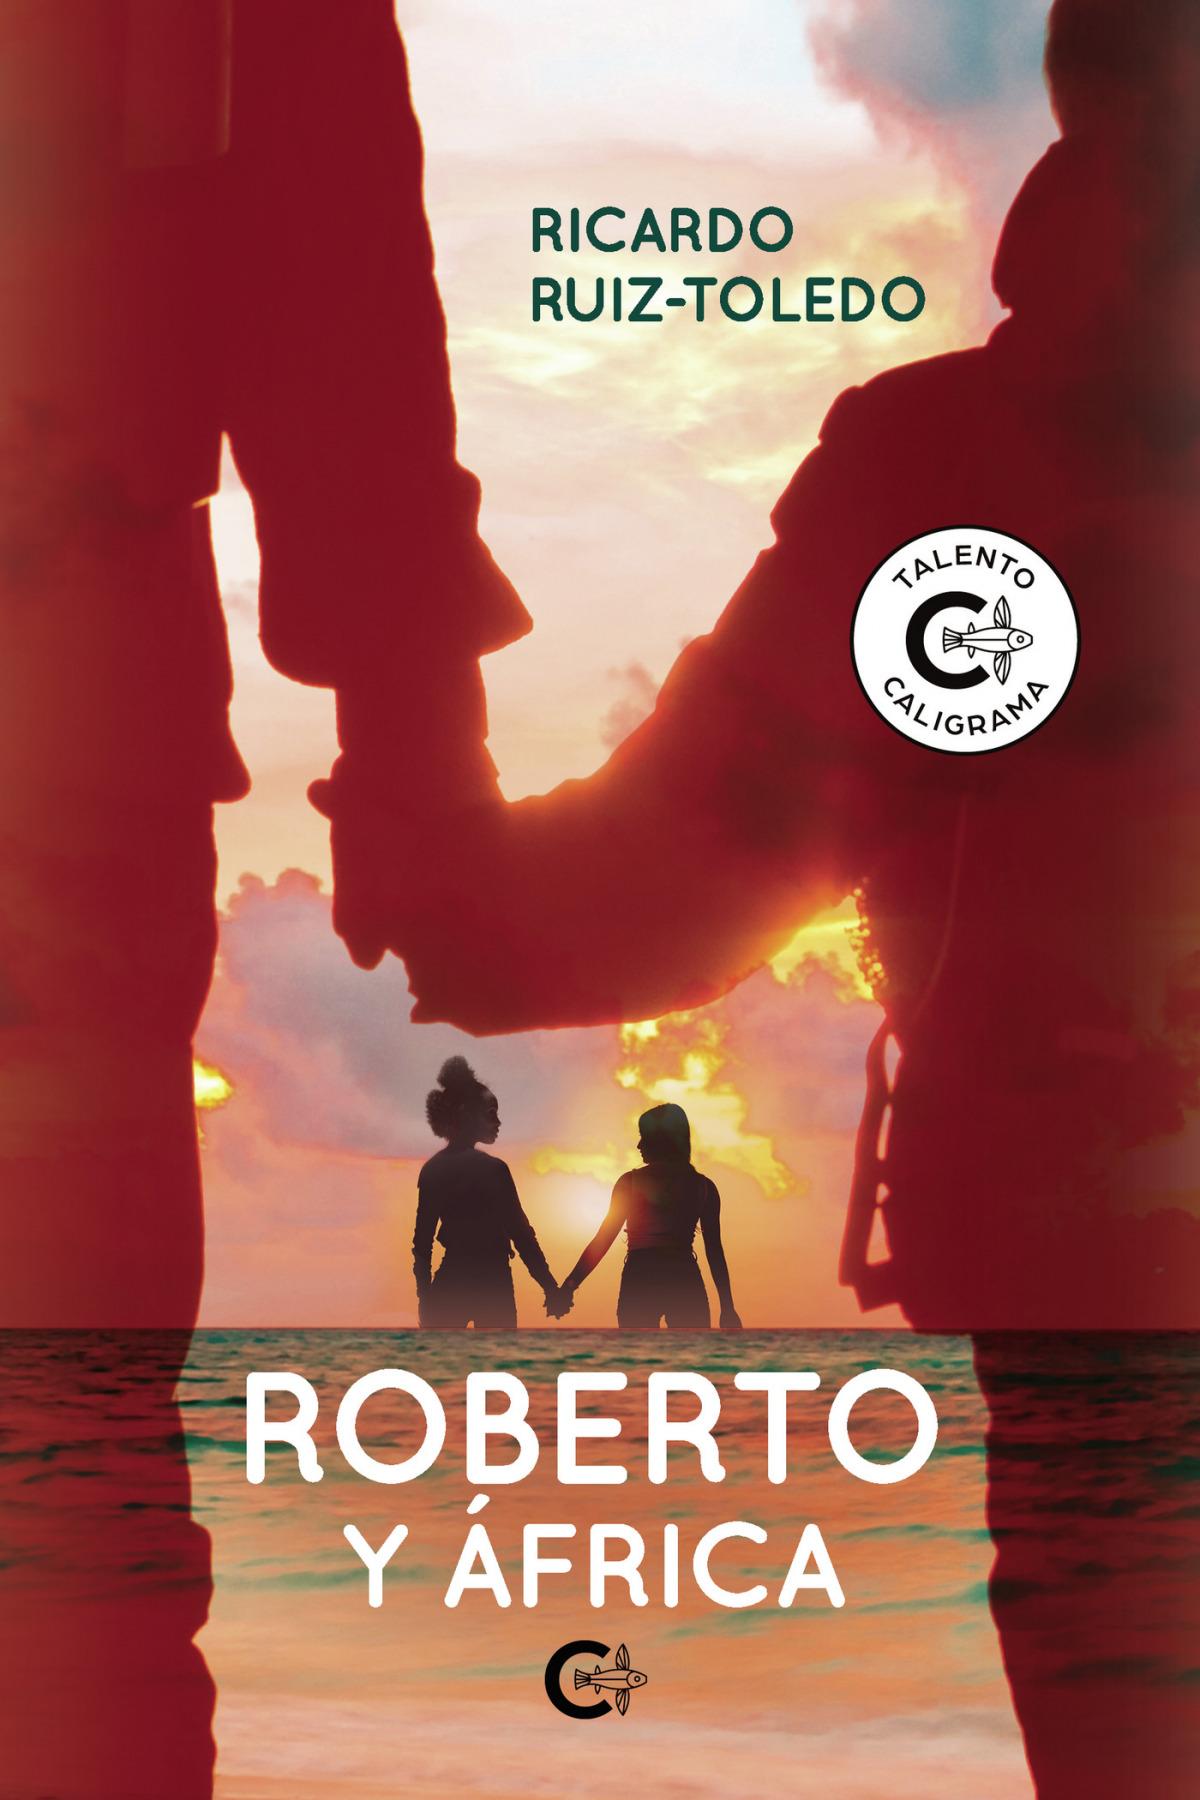 Roberto y África